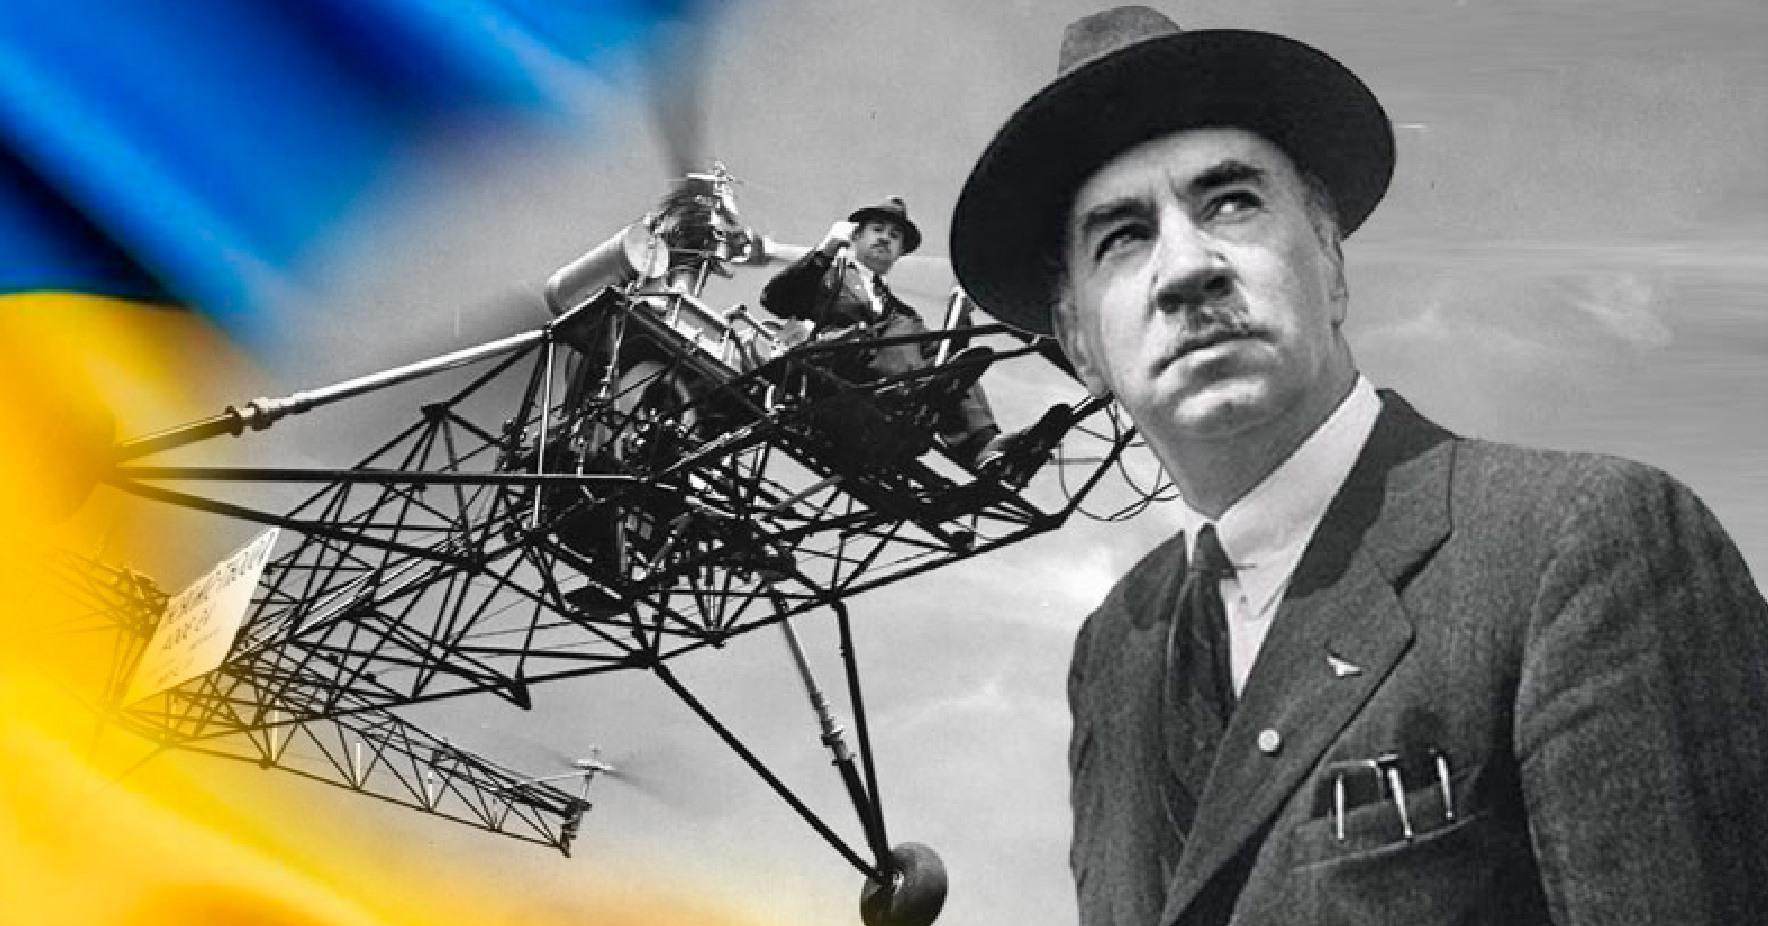 Сразу интересный факт – он любил называть свои самолеты именами героев украинских легенд.